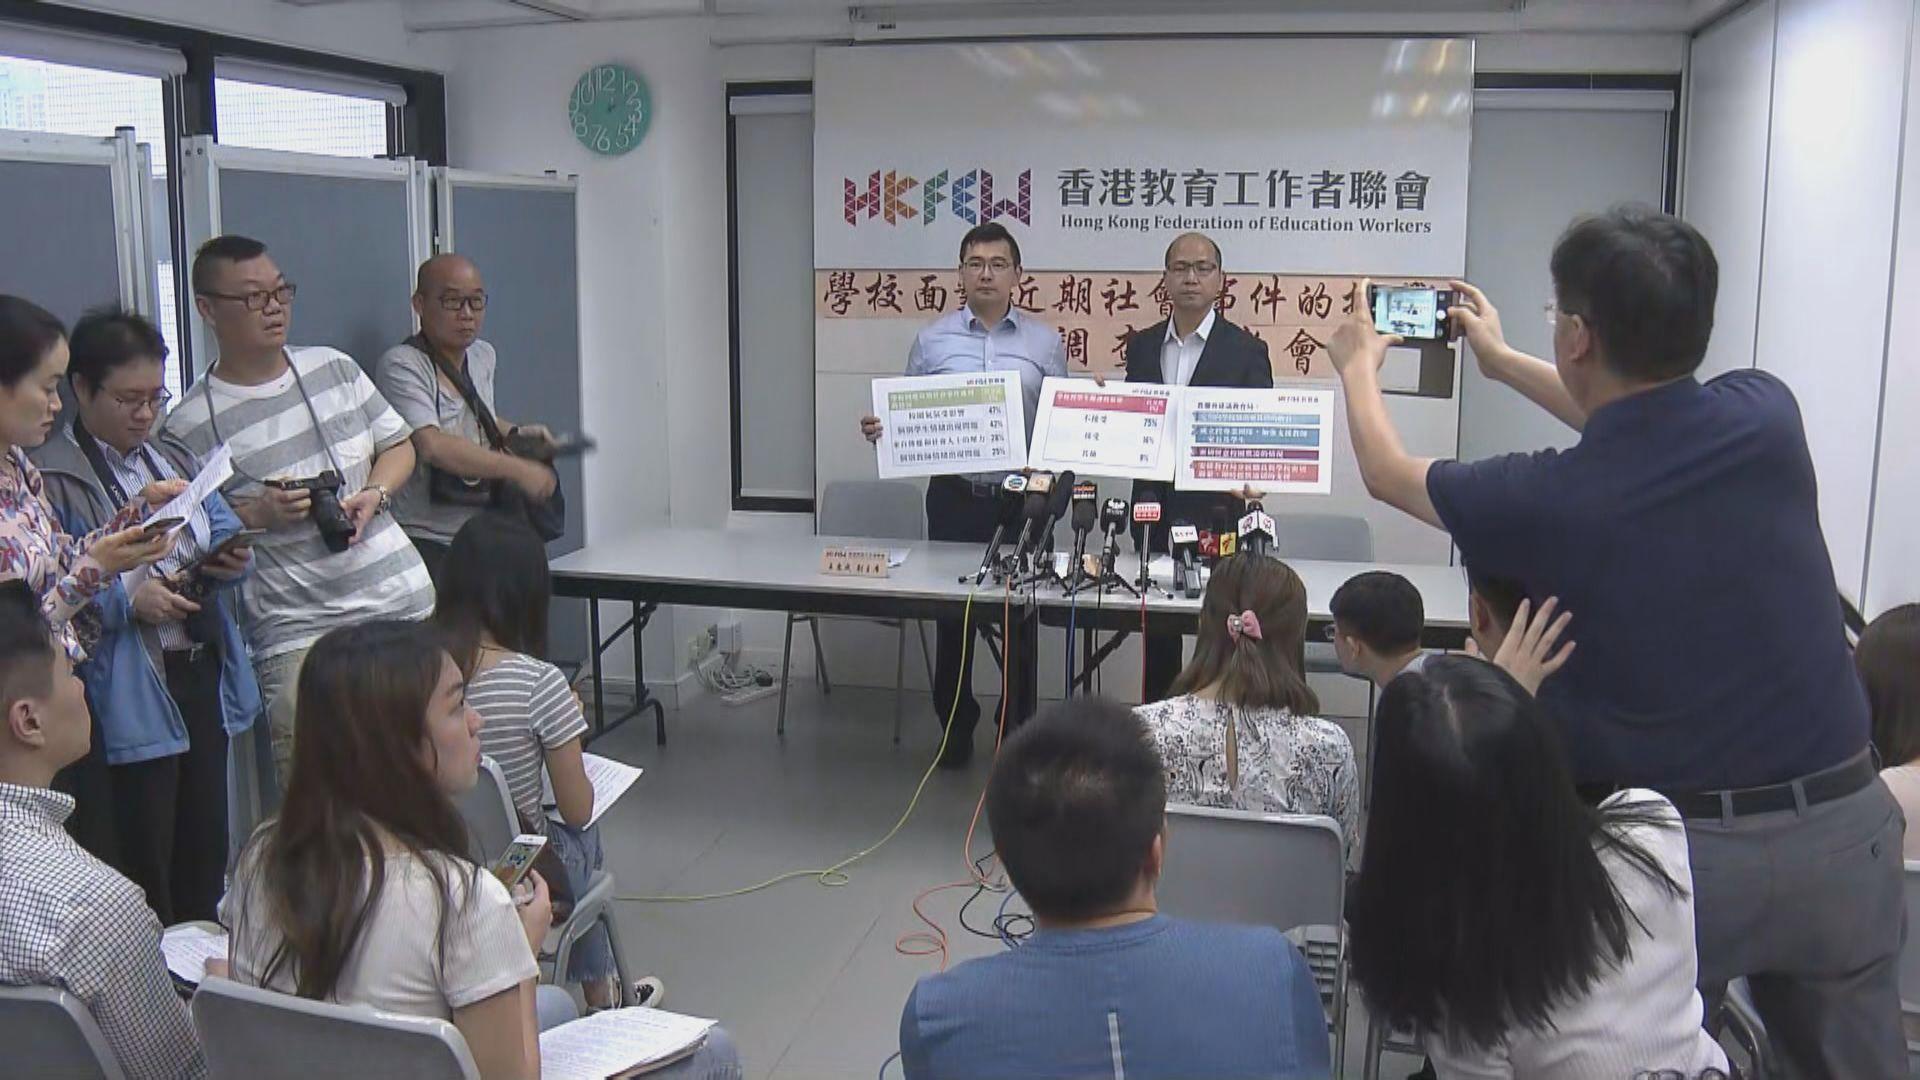 教聯調查發現九成受訪學校無學生罷課